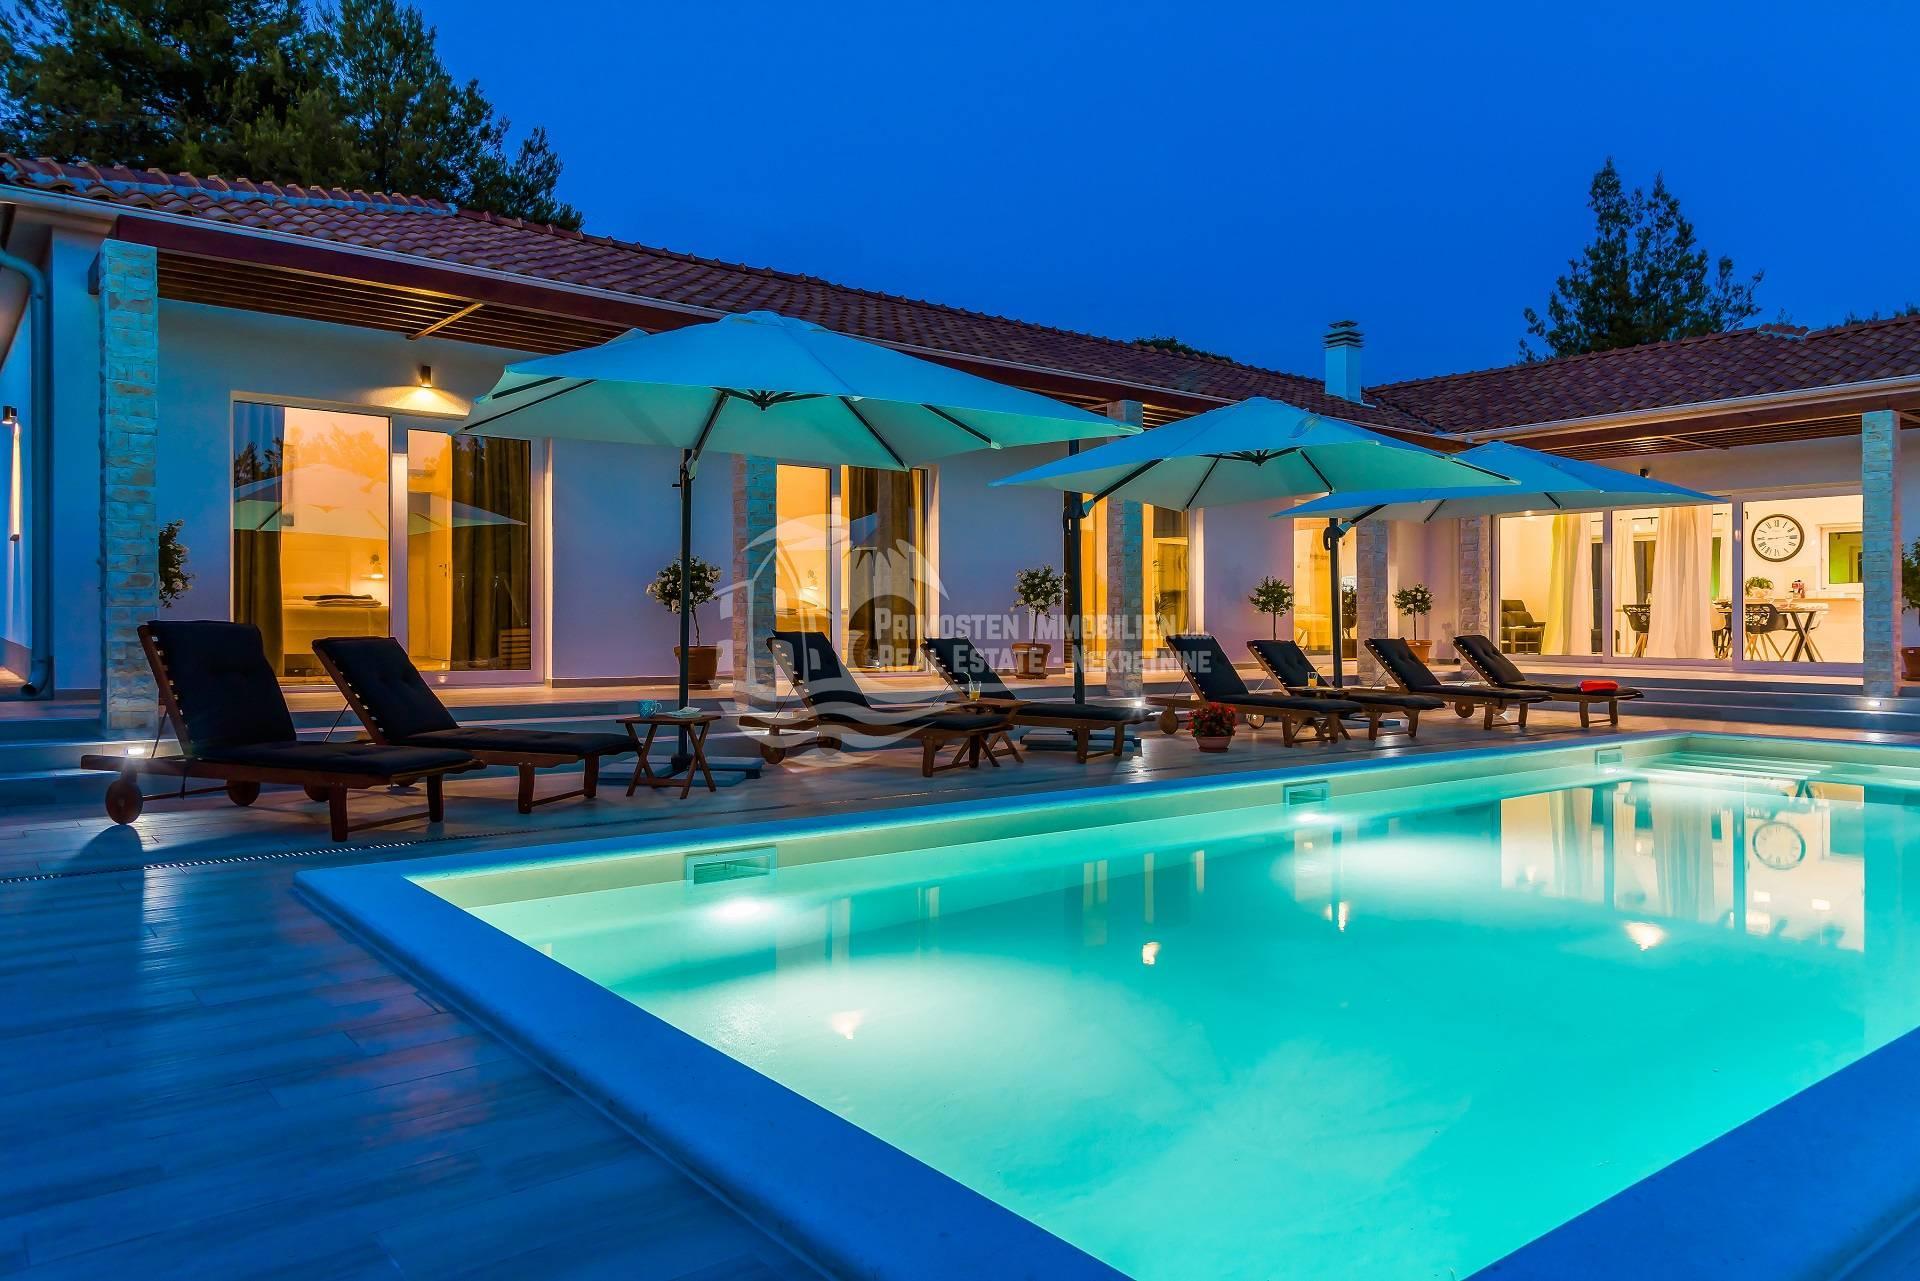 Luxus-Ferienvilla mit Pool in der Nähe von Sibenik